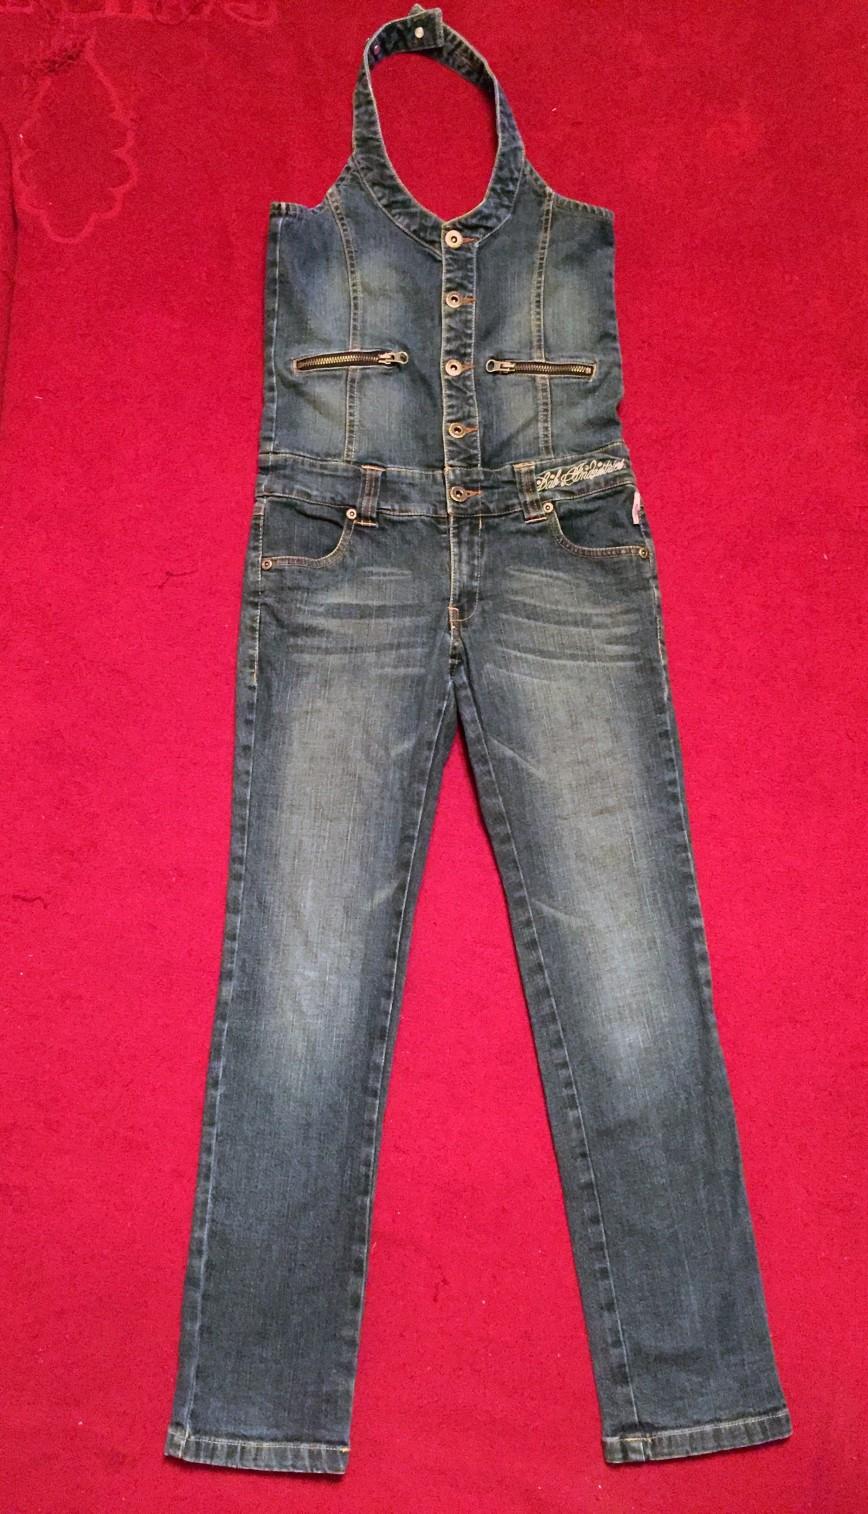 комбез джинсовый lab indastries марк 146, шаговый шов 68см в идеале 1000р, реально не носила дочка, не ее это оказалось. Цвет ближе к реальному на этом фото.